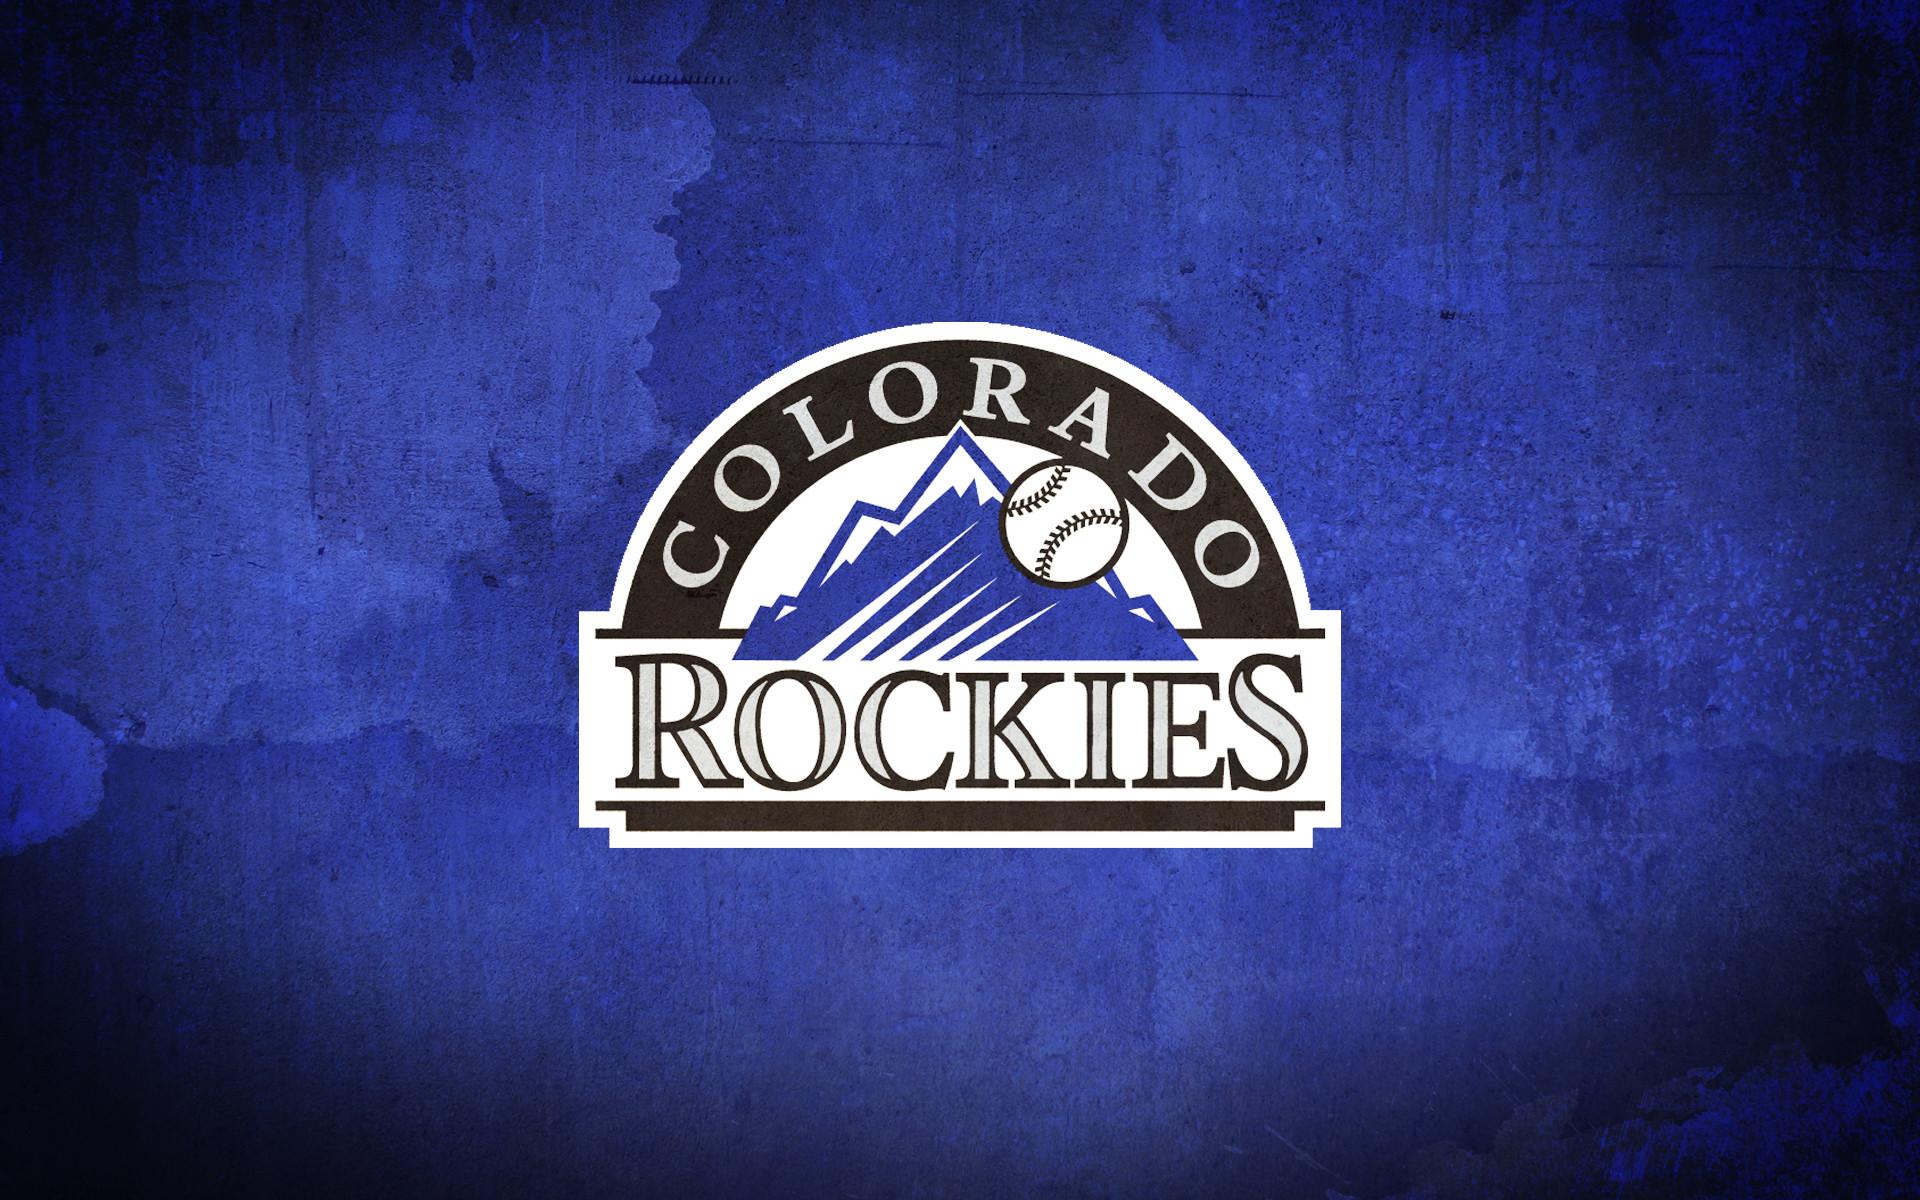 Colorado Rockies Wallpapers – WallpaperSafari